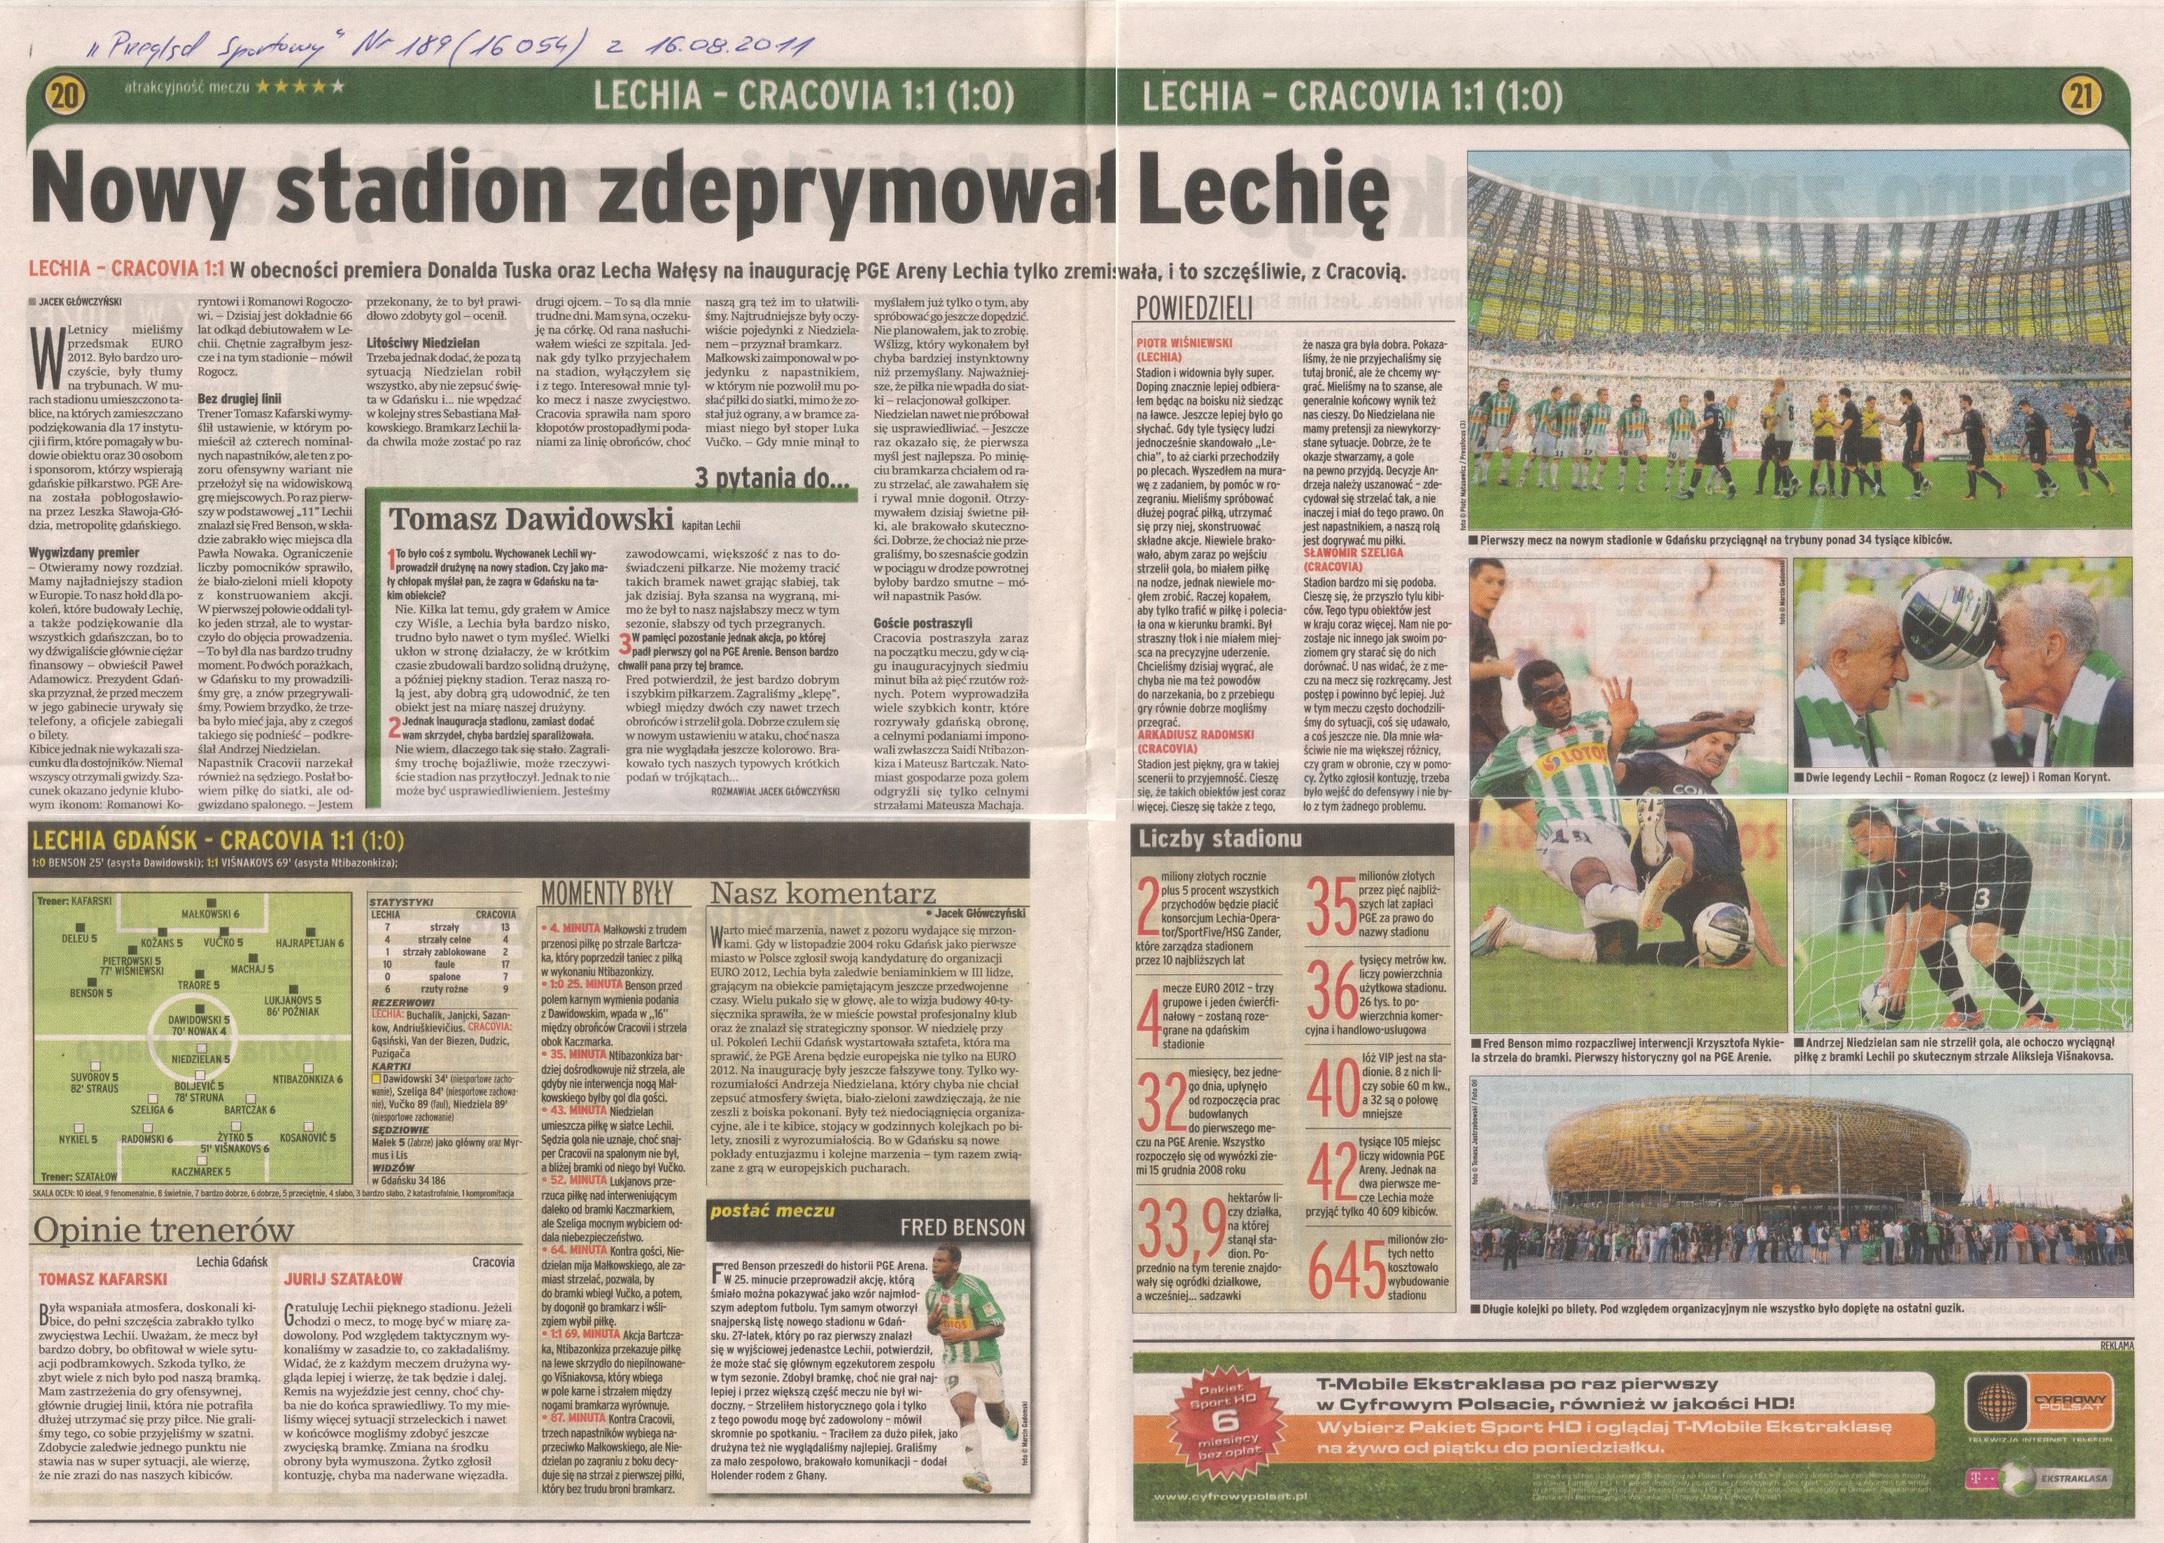 Relacja prasowa z meczu Lechia-Cracovia